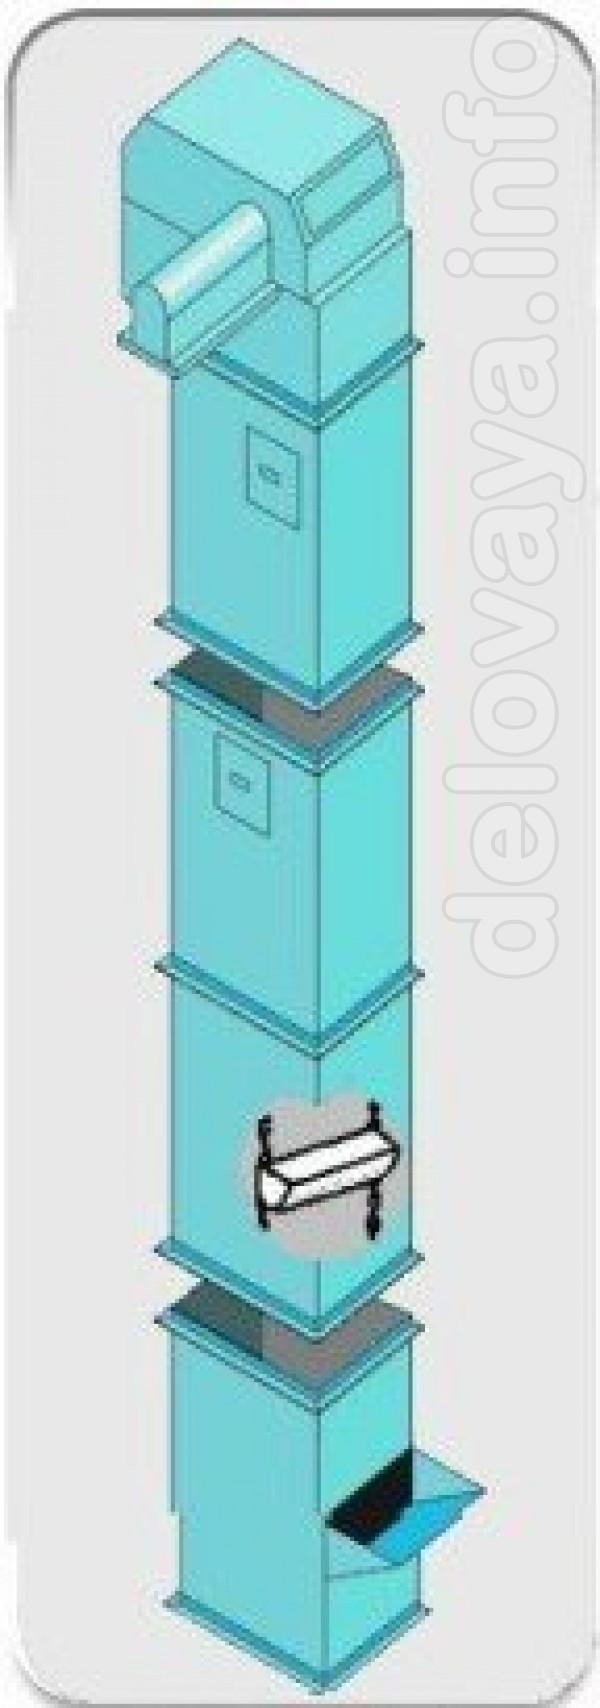 Элеваторы ковшовые предназначены для транспортирования в вертикальном